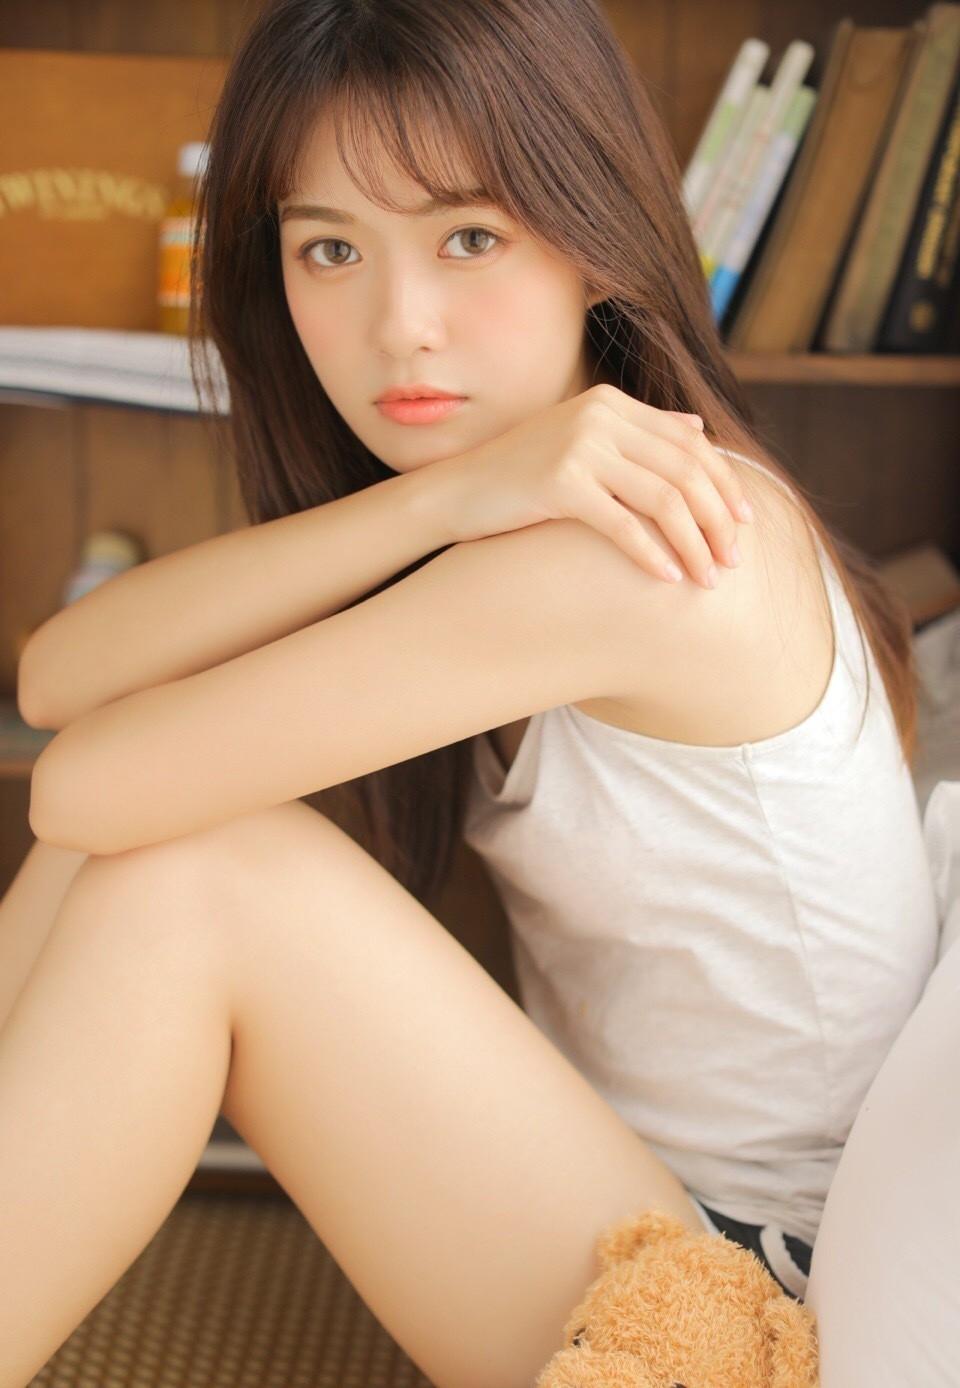 DJSK-053Beautyleg白丝长腿美女内衣诱惑